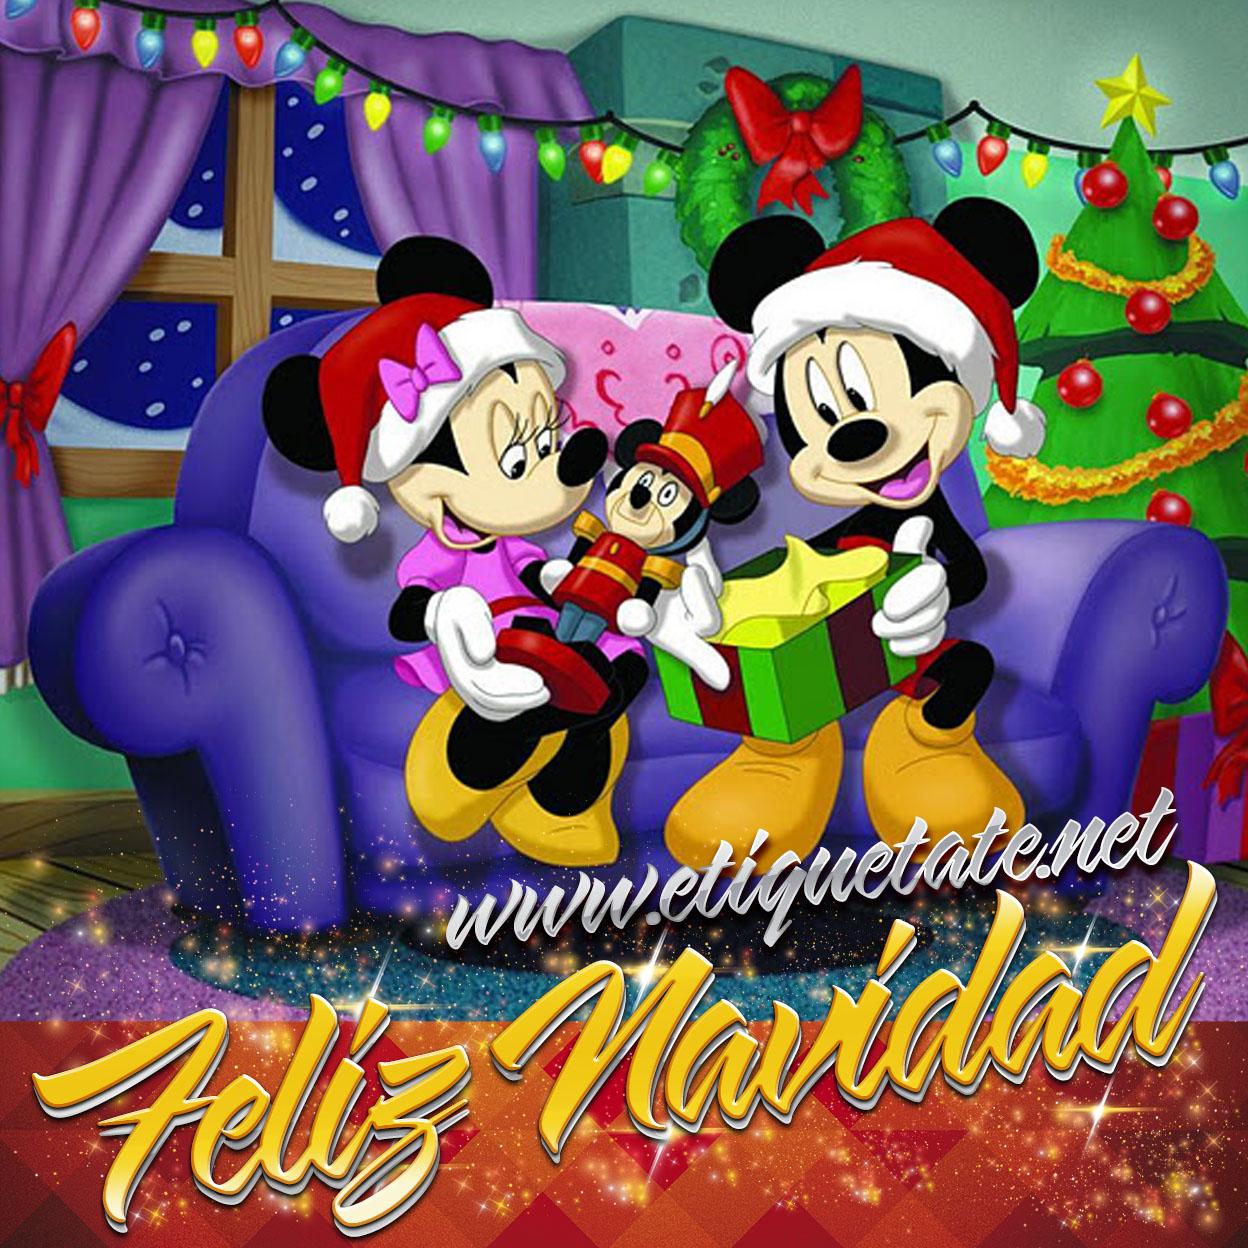 Imágenes+Bellas+de+Navidad+con+fotos+de+Mickey+Mouse+y+Minnie+para ...